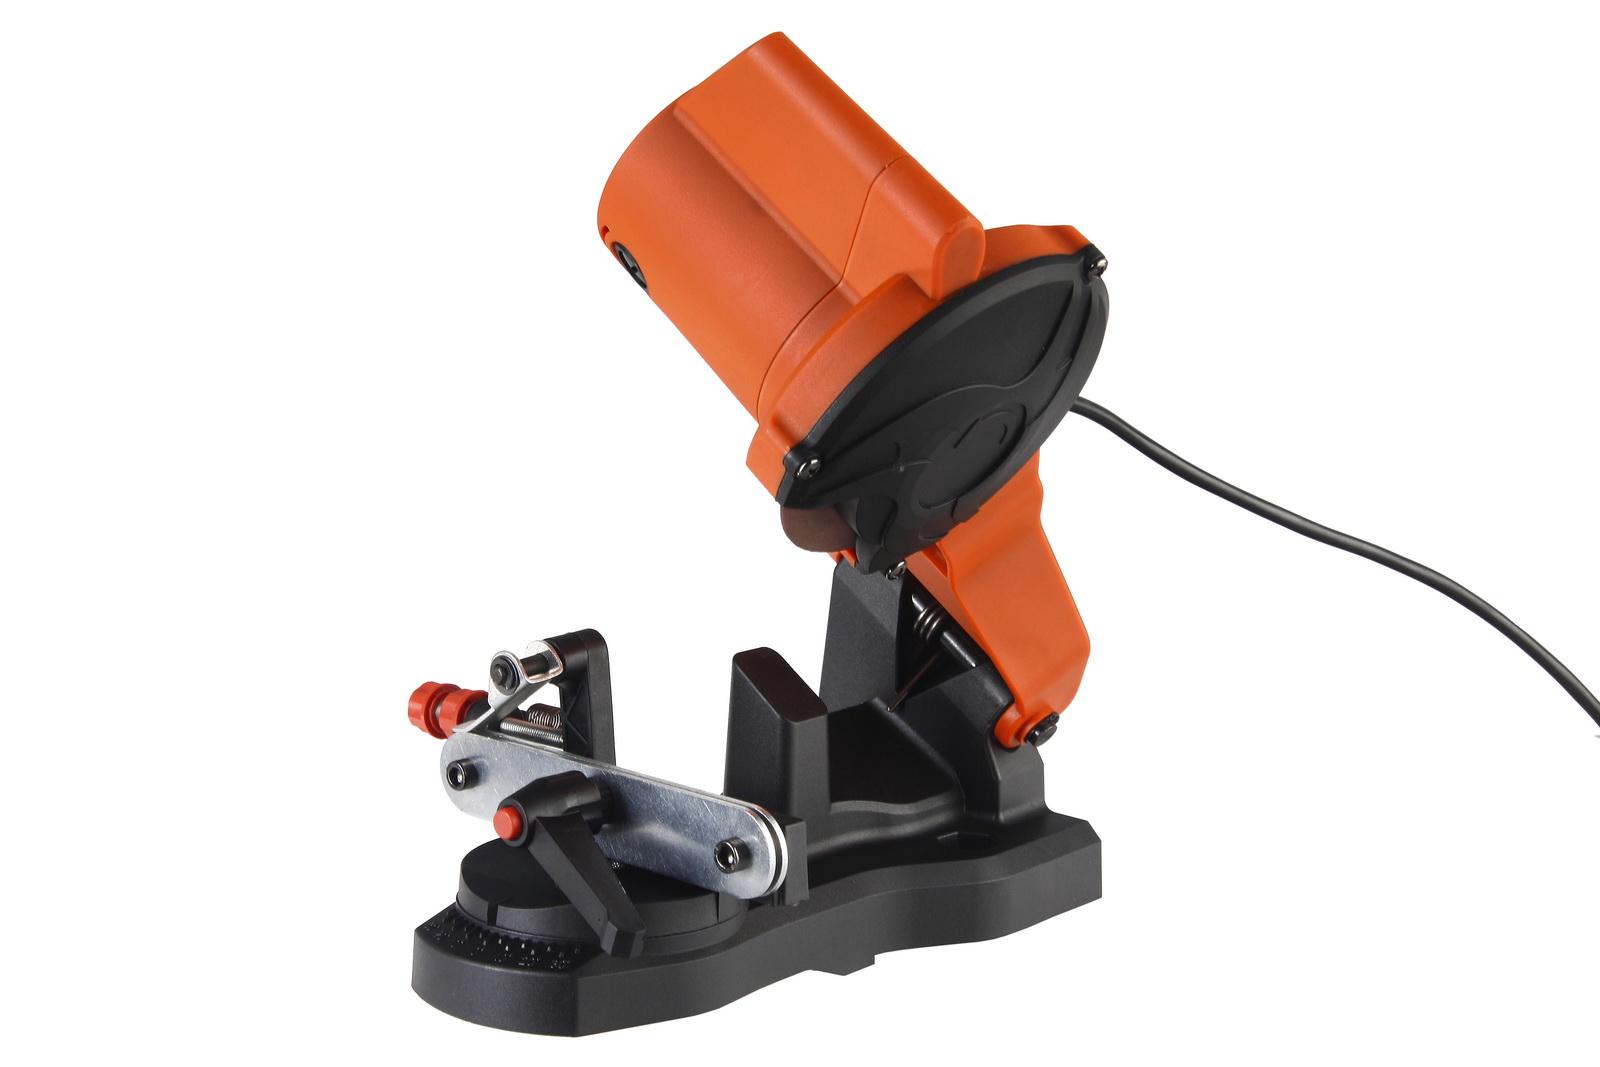 Станок Hammer Spl150 - это хороший выбор. Знаете, что заказать продукцию фирмы Hammer - это удобно и цена нормальная.